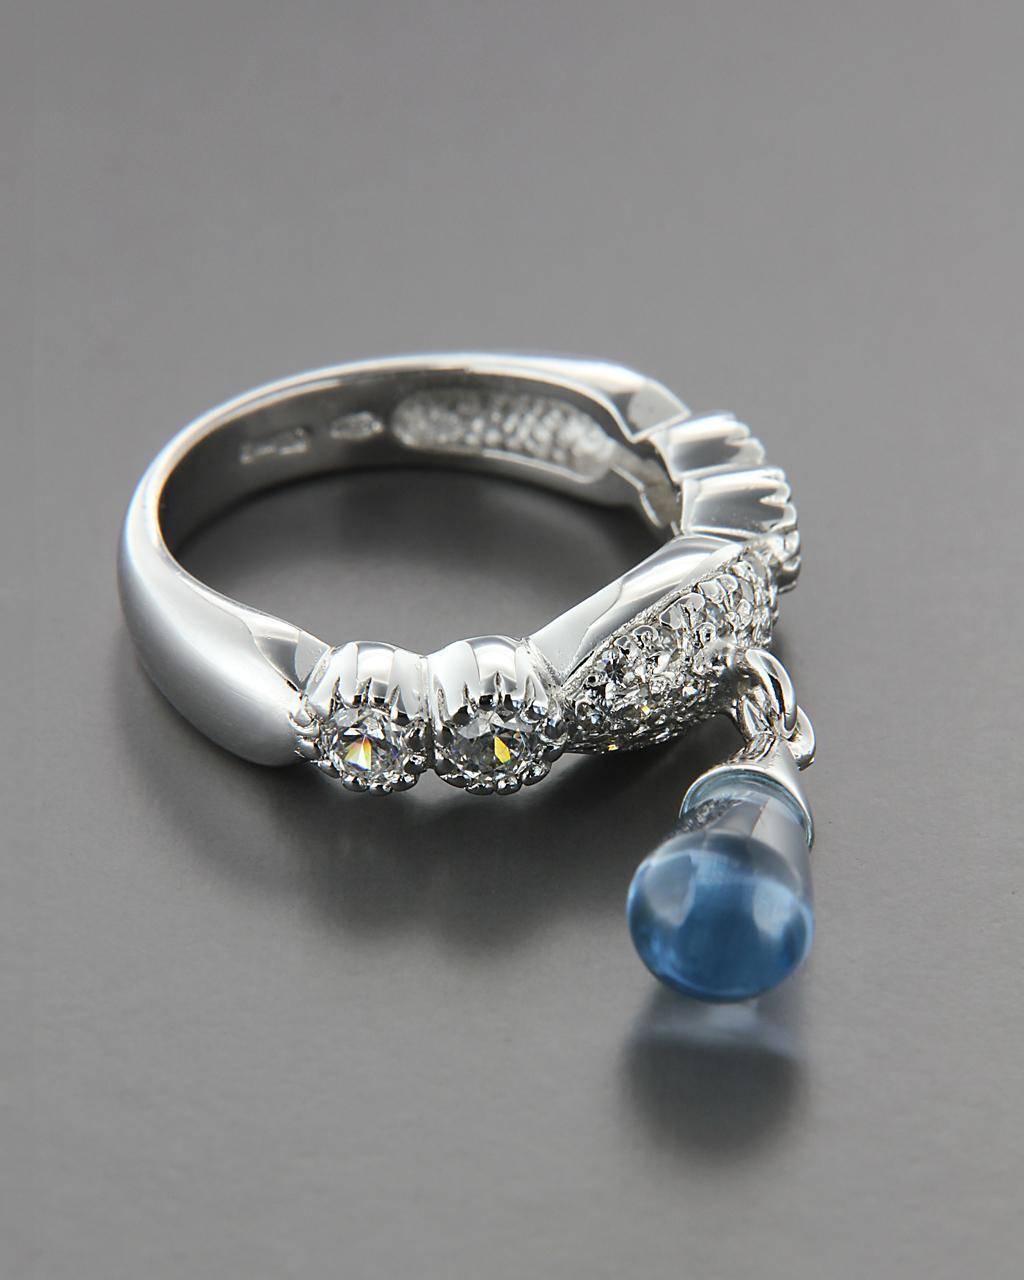 Δαχτυλίδι ασημένιο 925 με Ορυκτή πέτρα & Ζιργκόν   γυναικα δαχτυλίδια δαχτυλίδια ασημένια